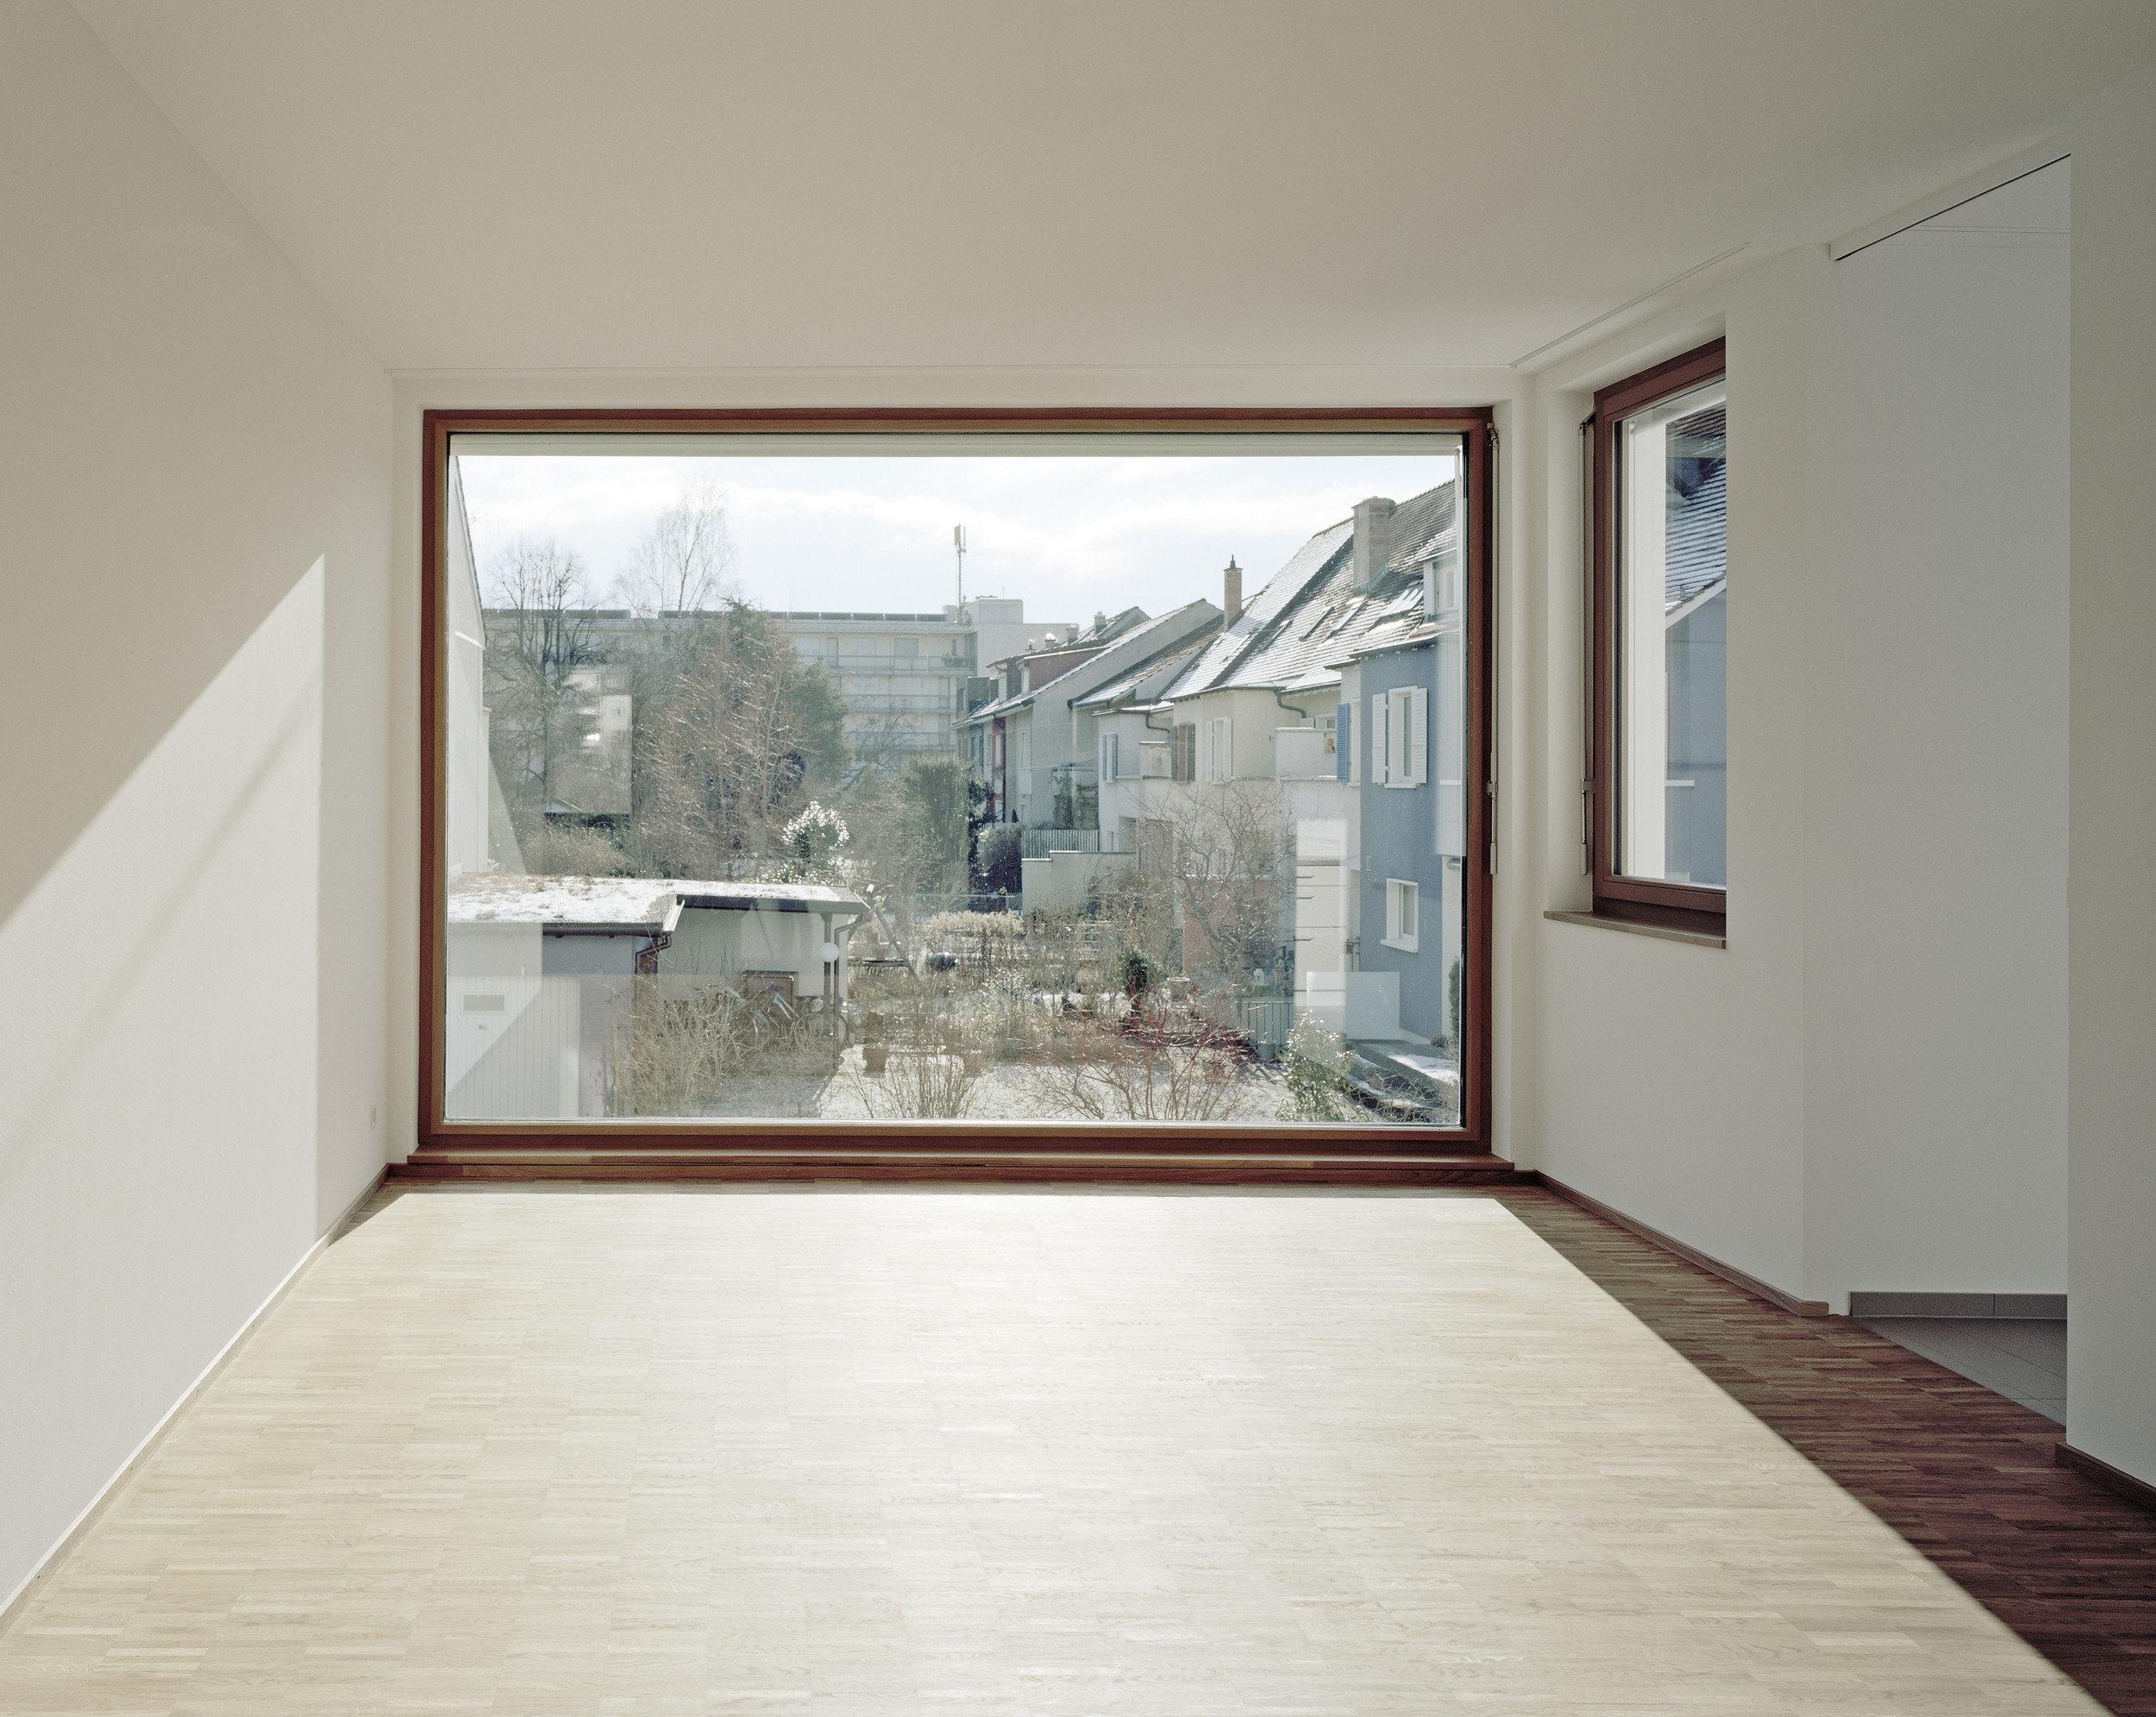 Holzfenster welches die ganze Wand ausfüllt und den Raum mit Licht durchströmt